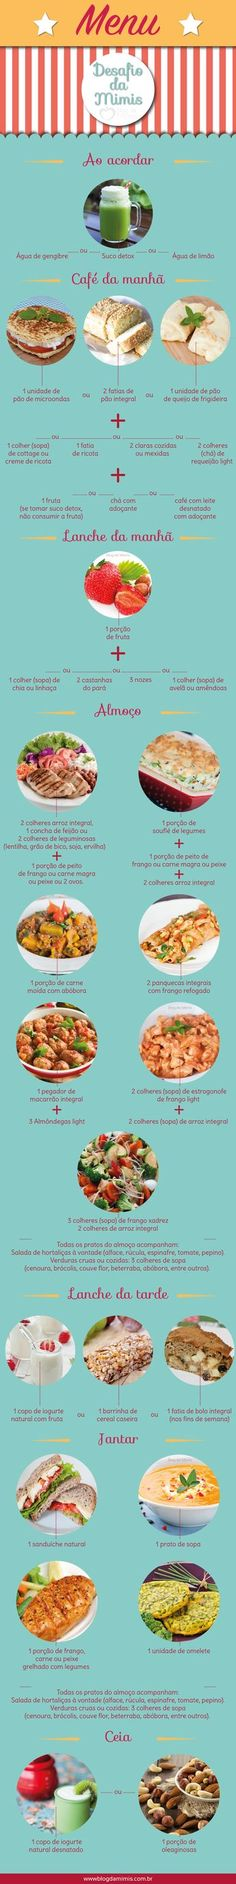 Dieta fácil: super cardápio para o dia a dia - Blog da Mimis - Esse é o meu cardápio para perder peso. É uma dieta bem gostosa e nada radical, recheada de receitas que amo. Com ela dá para eliminar até 10kg até o final do ano!